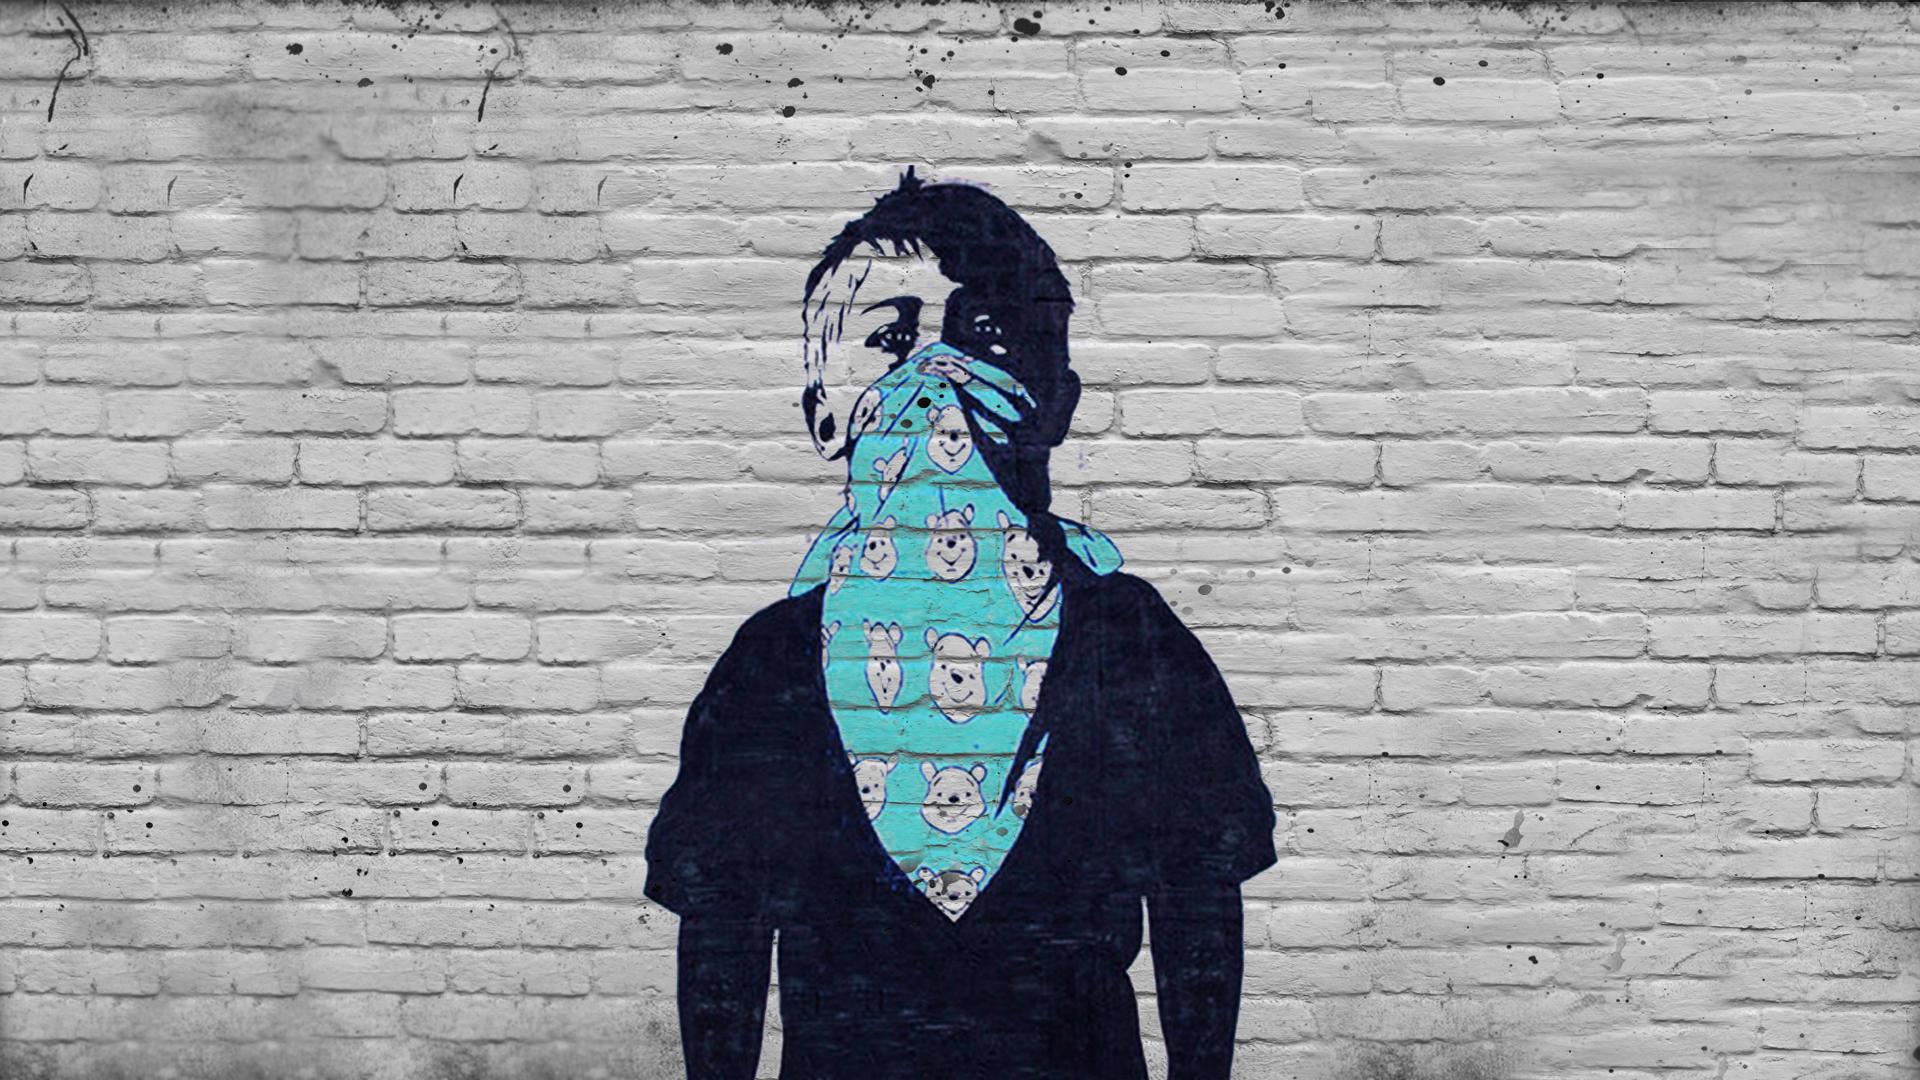 Street Art Wallpaper 37601 1920x1080 px ~ HDWallSource.com